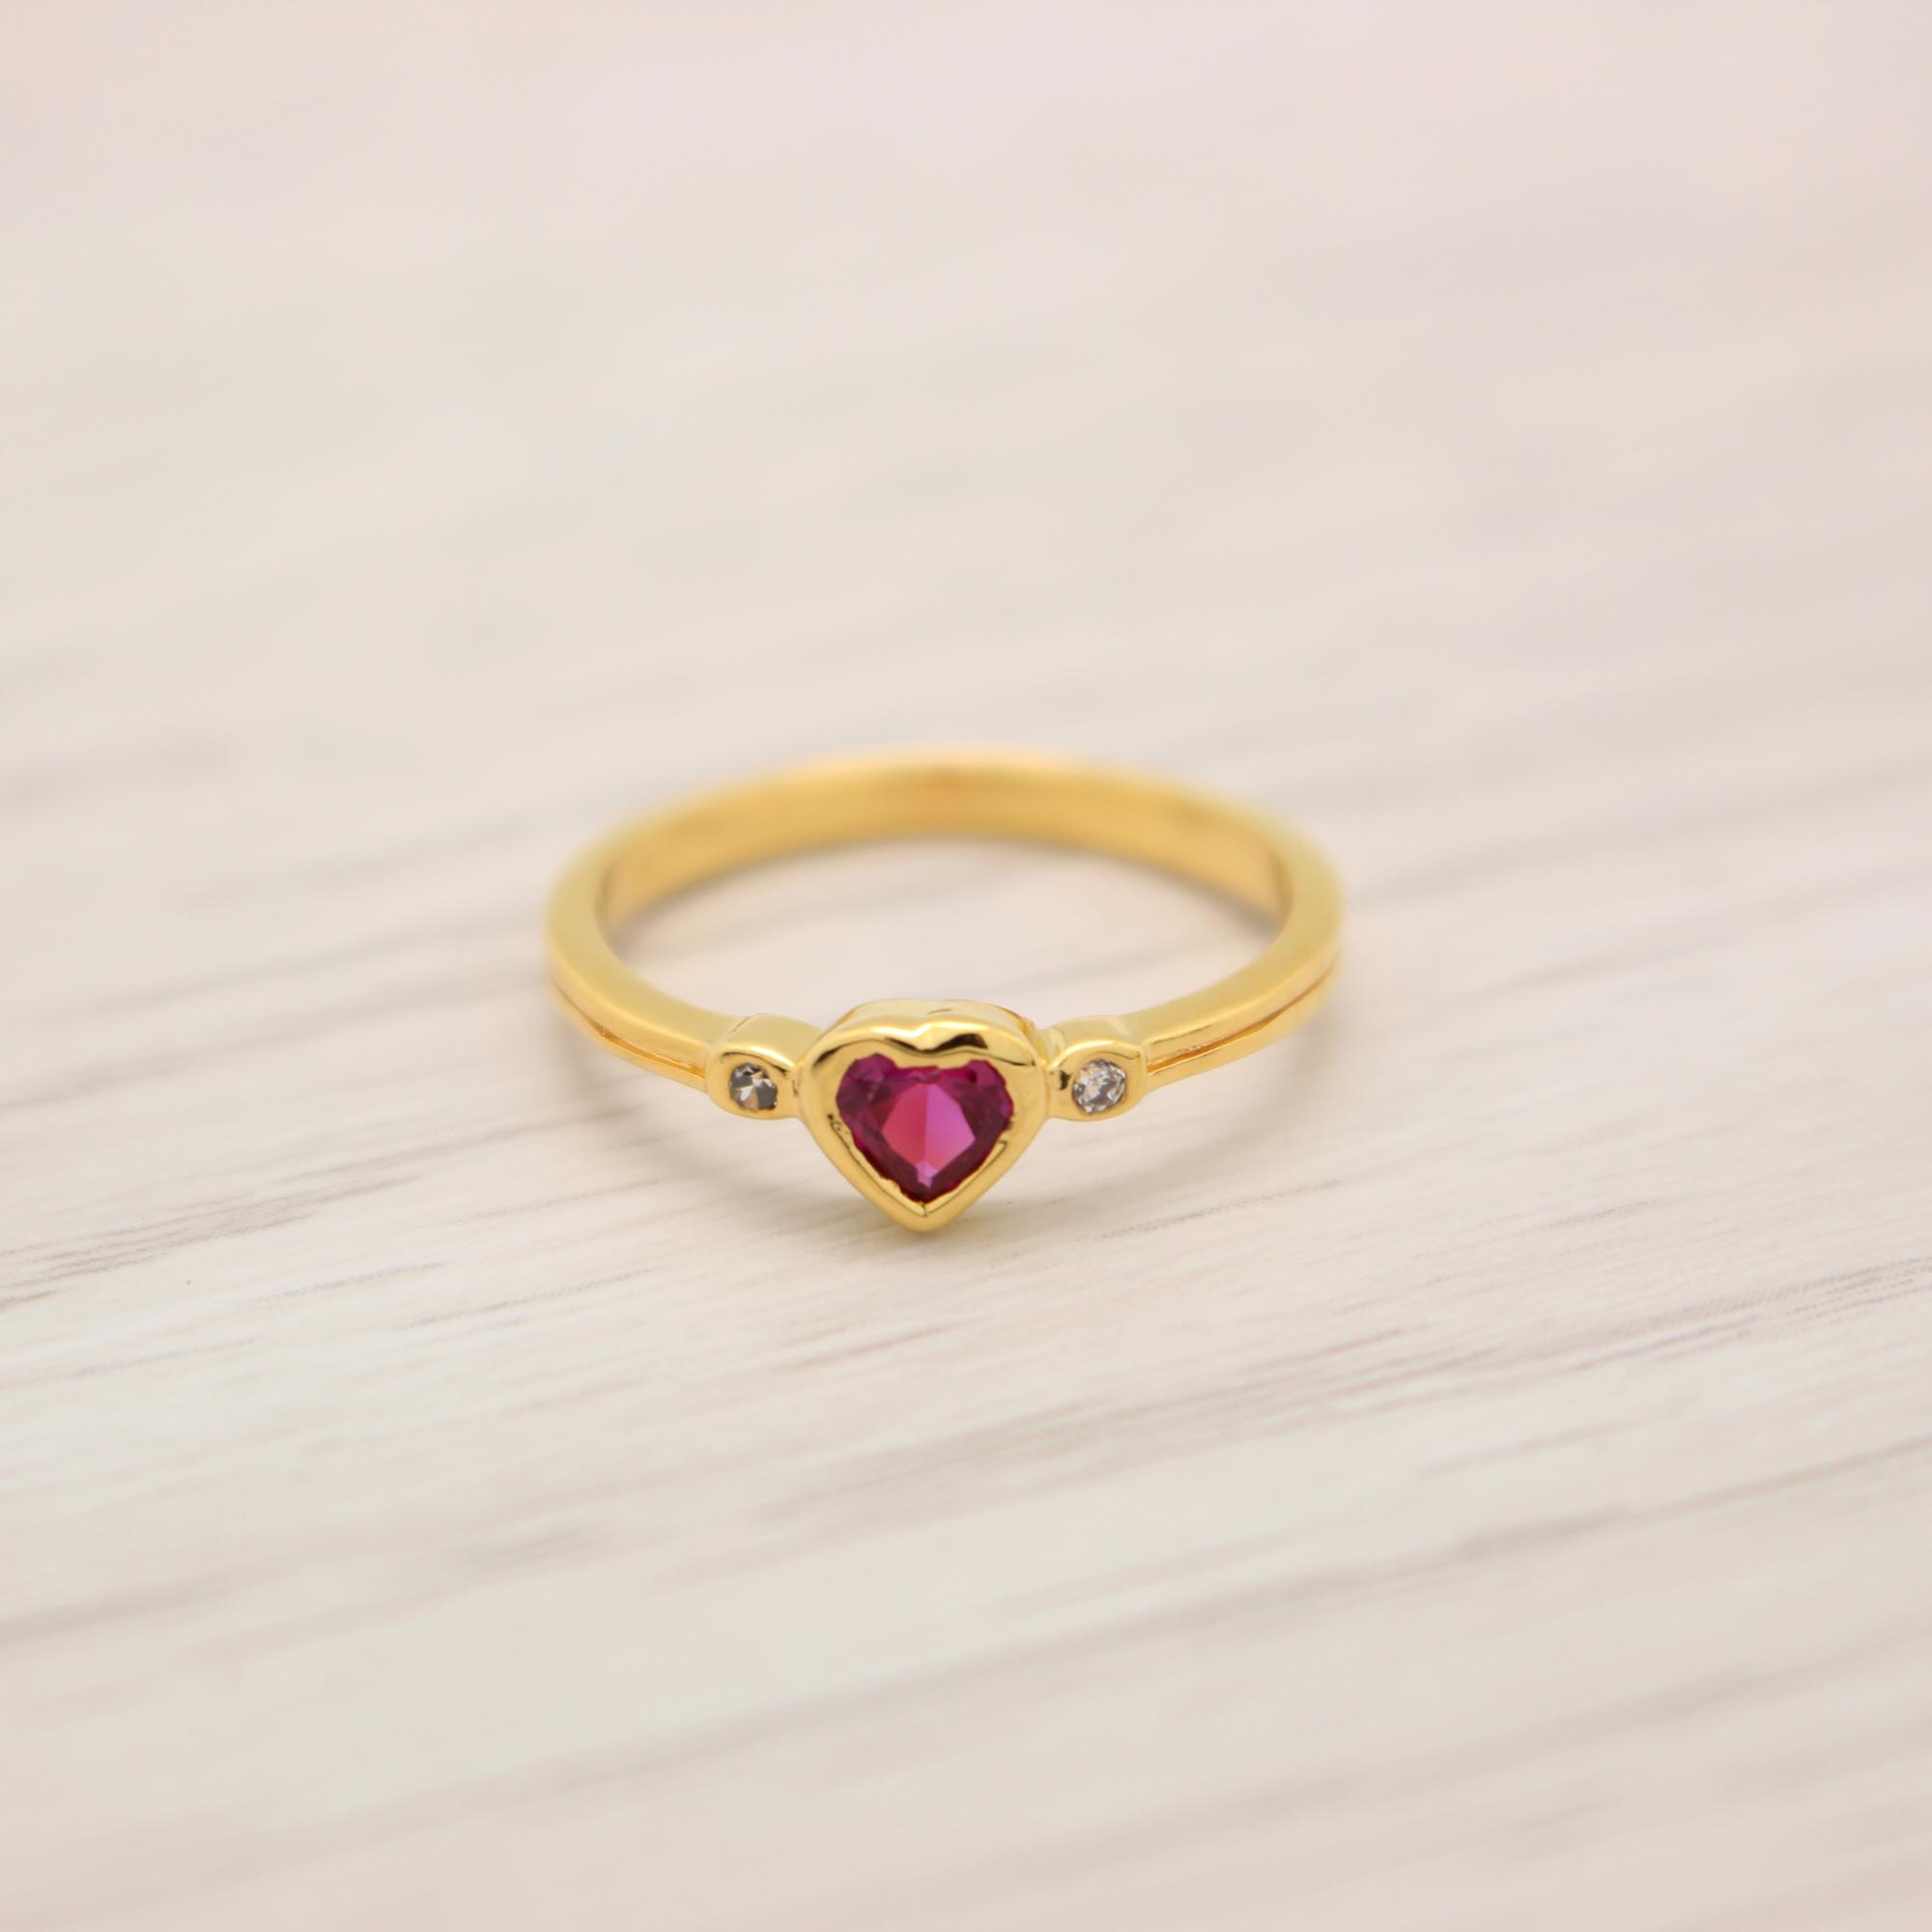 แหวนเพชรCZสีชมพูเข้ม หุ้มทองคำแท้ ไซส์ 52